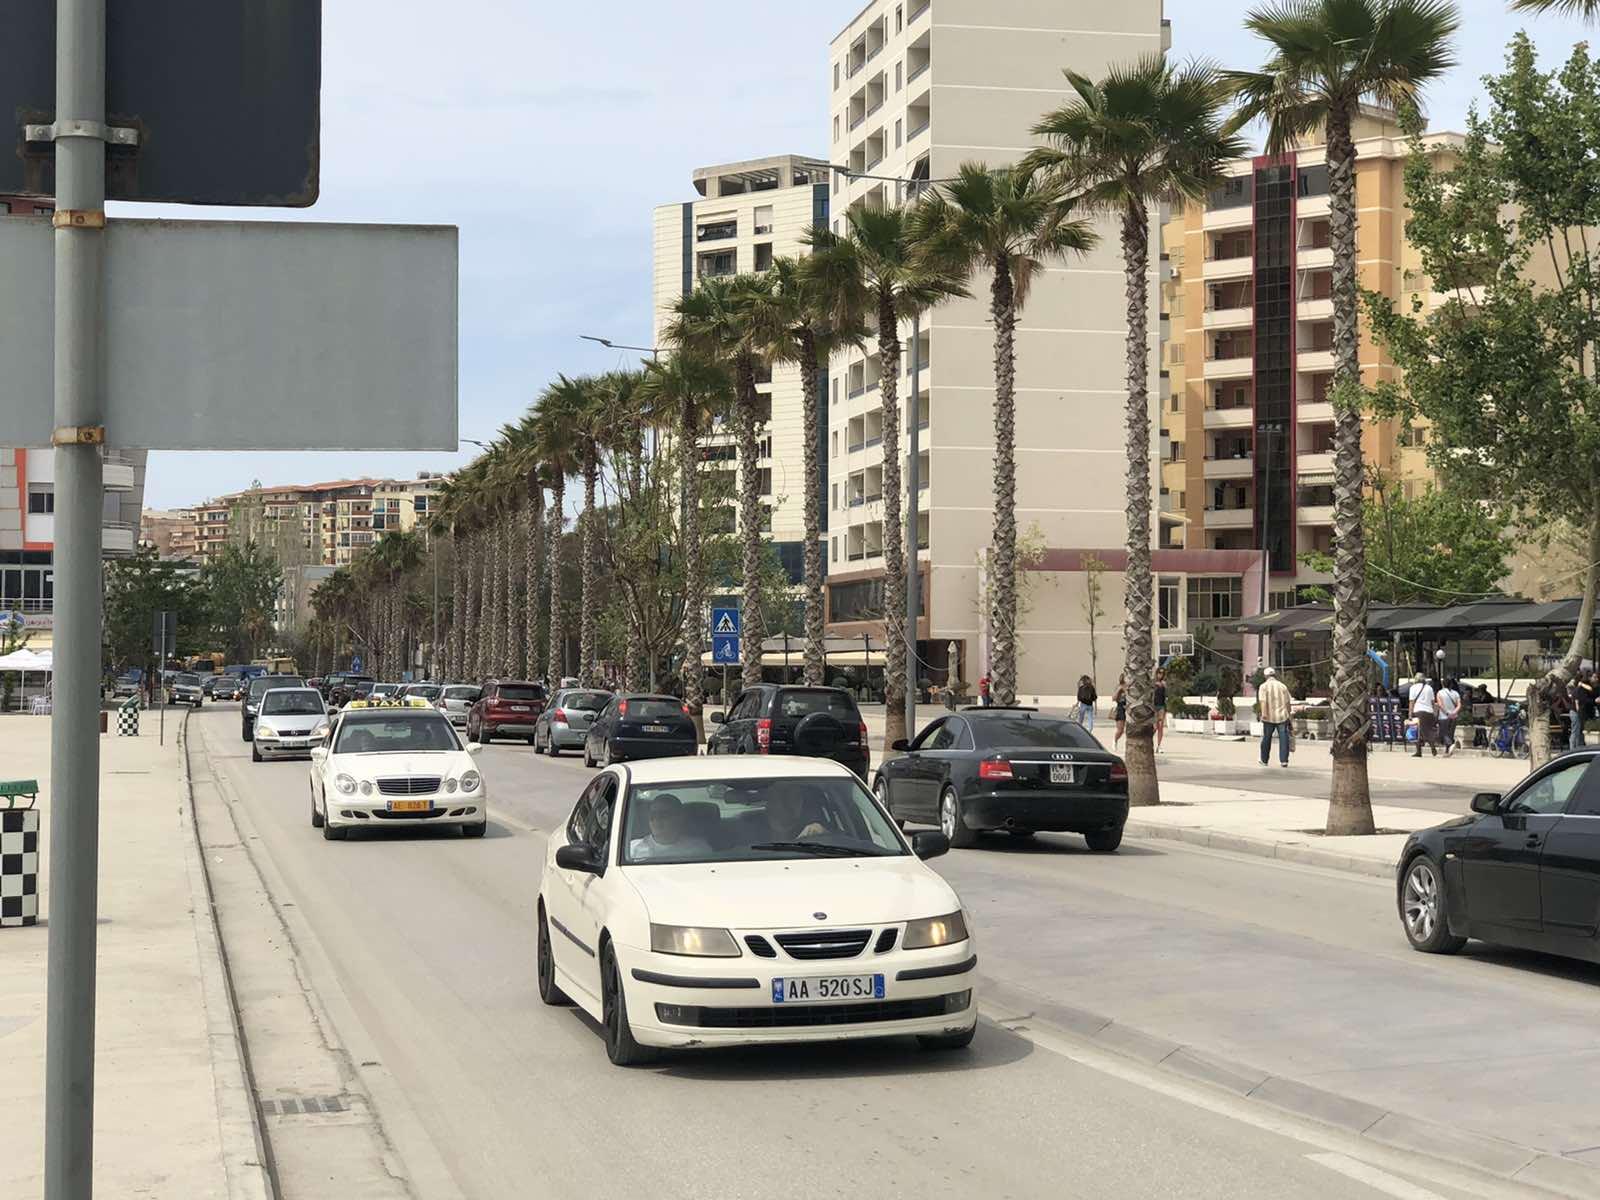 Valona Albanija